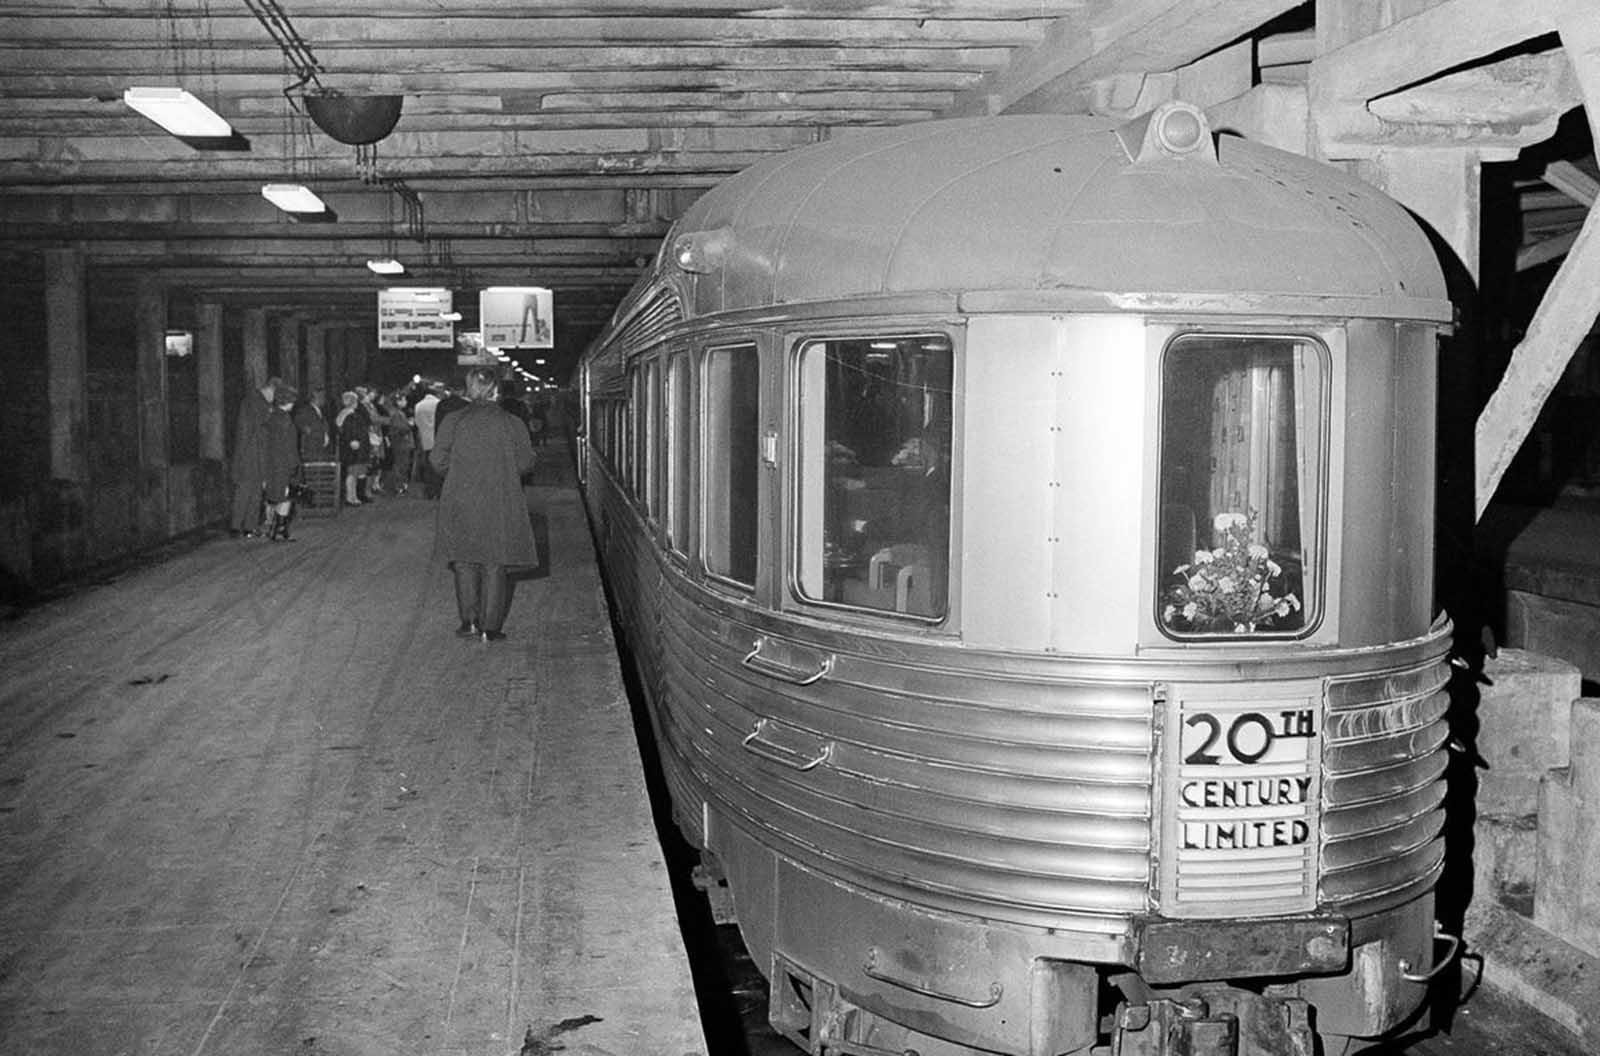 El 20th Century Limited se prepara para salir de la estación Grand Central en Nueva York para su última carrera, el 2 de diciembre de 1967. El 20th Century Limited era un tren de pasajeros expreso que corría entre la terminal Grand Central y la estación LaSalle Street en Chicago, operado por El ferrocarril central de Nueva York desde 1902 hasta 1967.